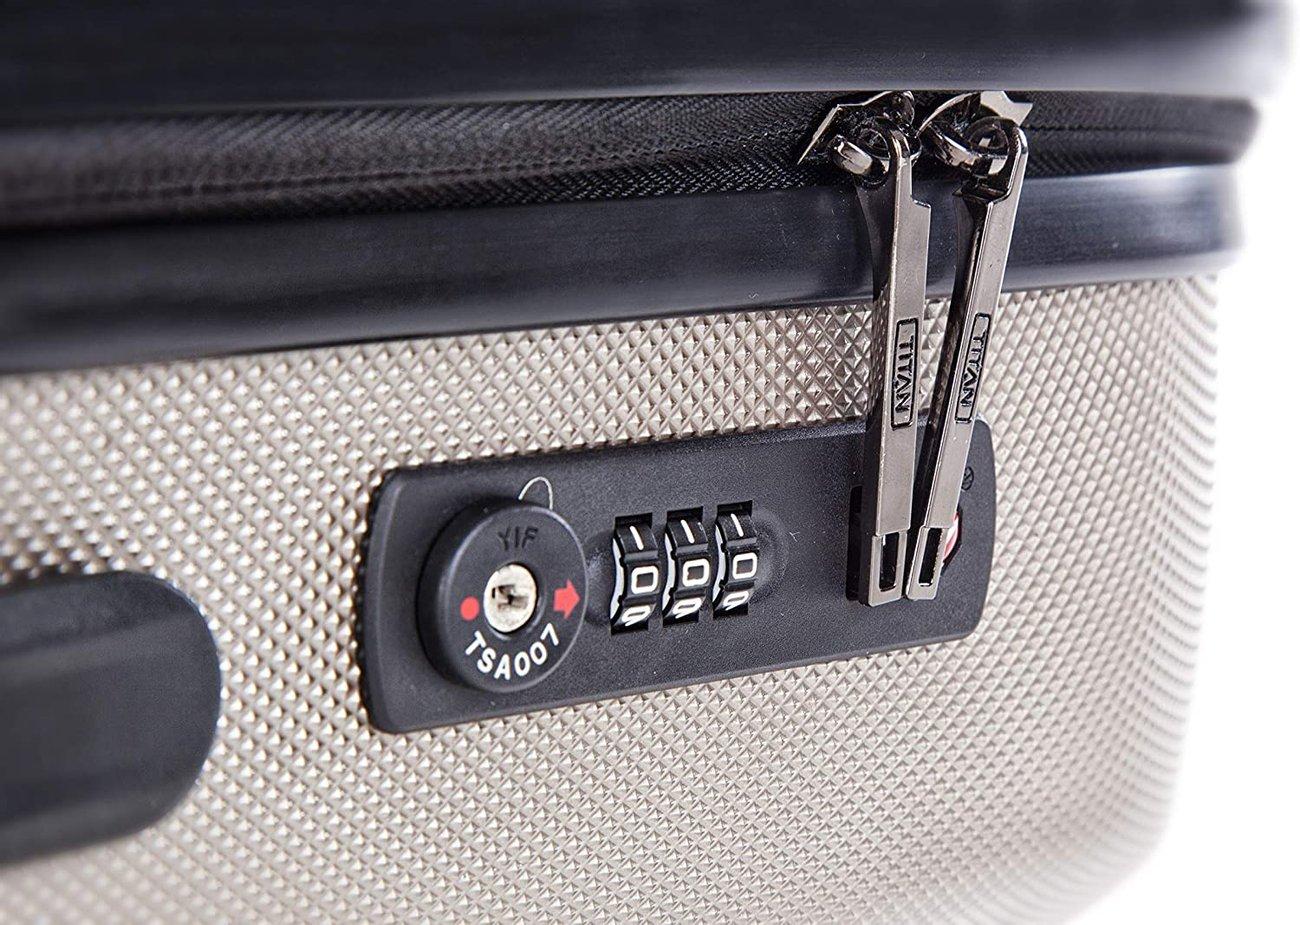 Комплект куфари Titan 809102-40 Luggage S M L 3 броя твърди куфари с колела